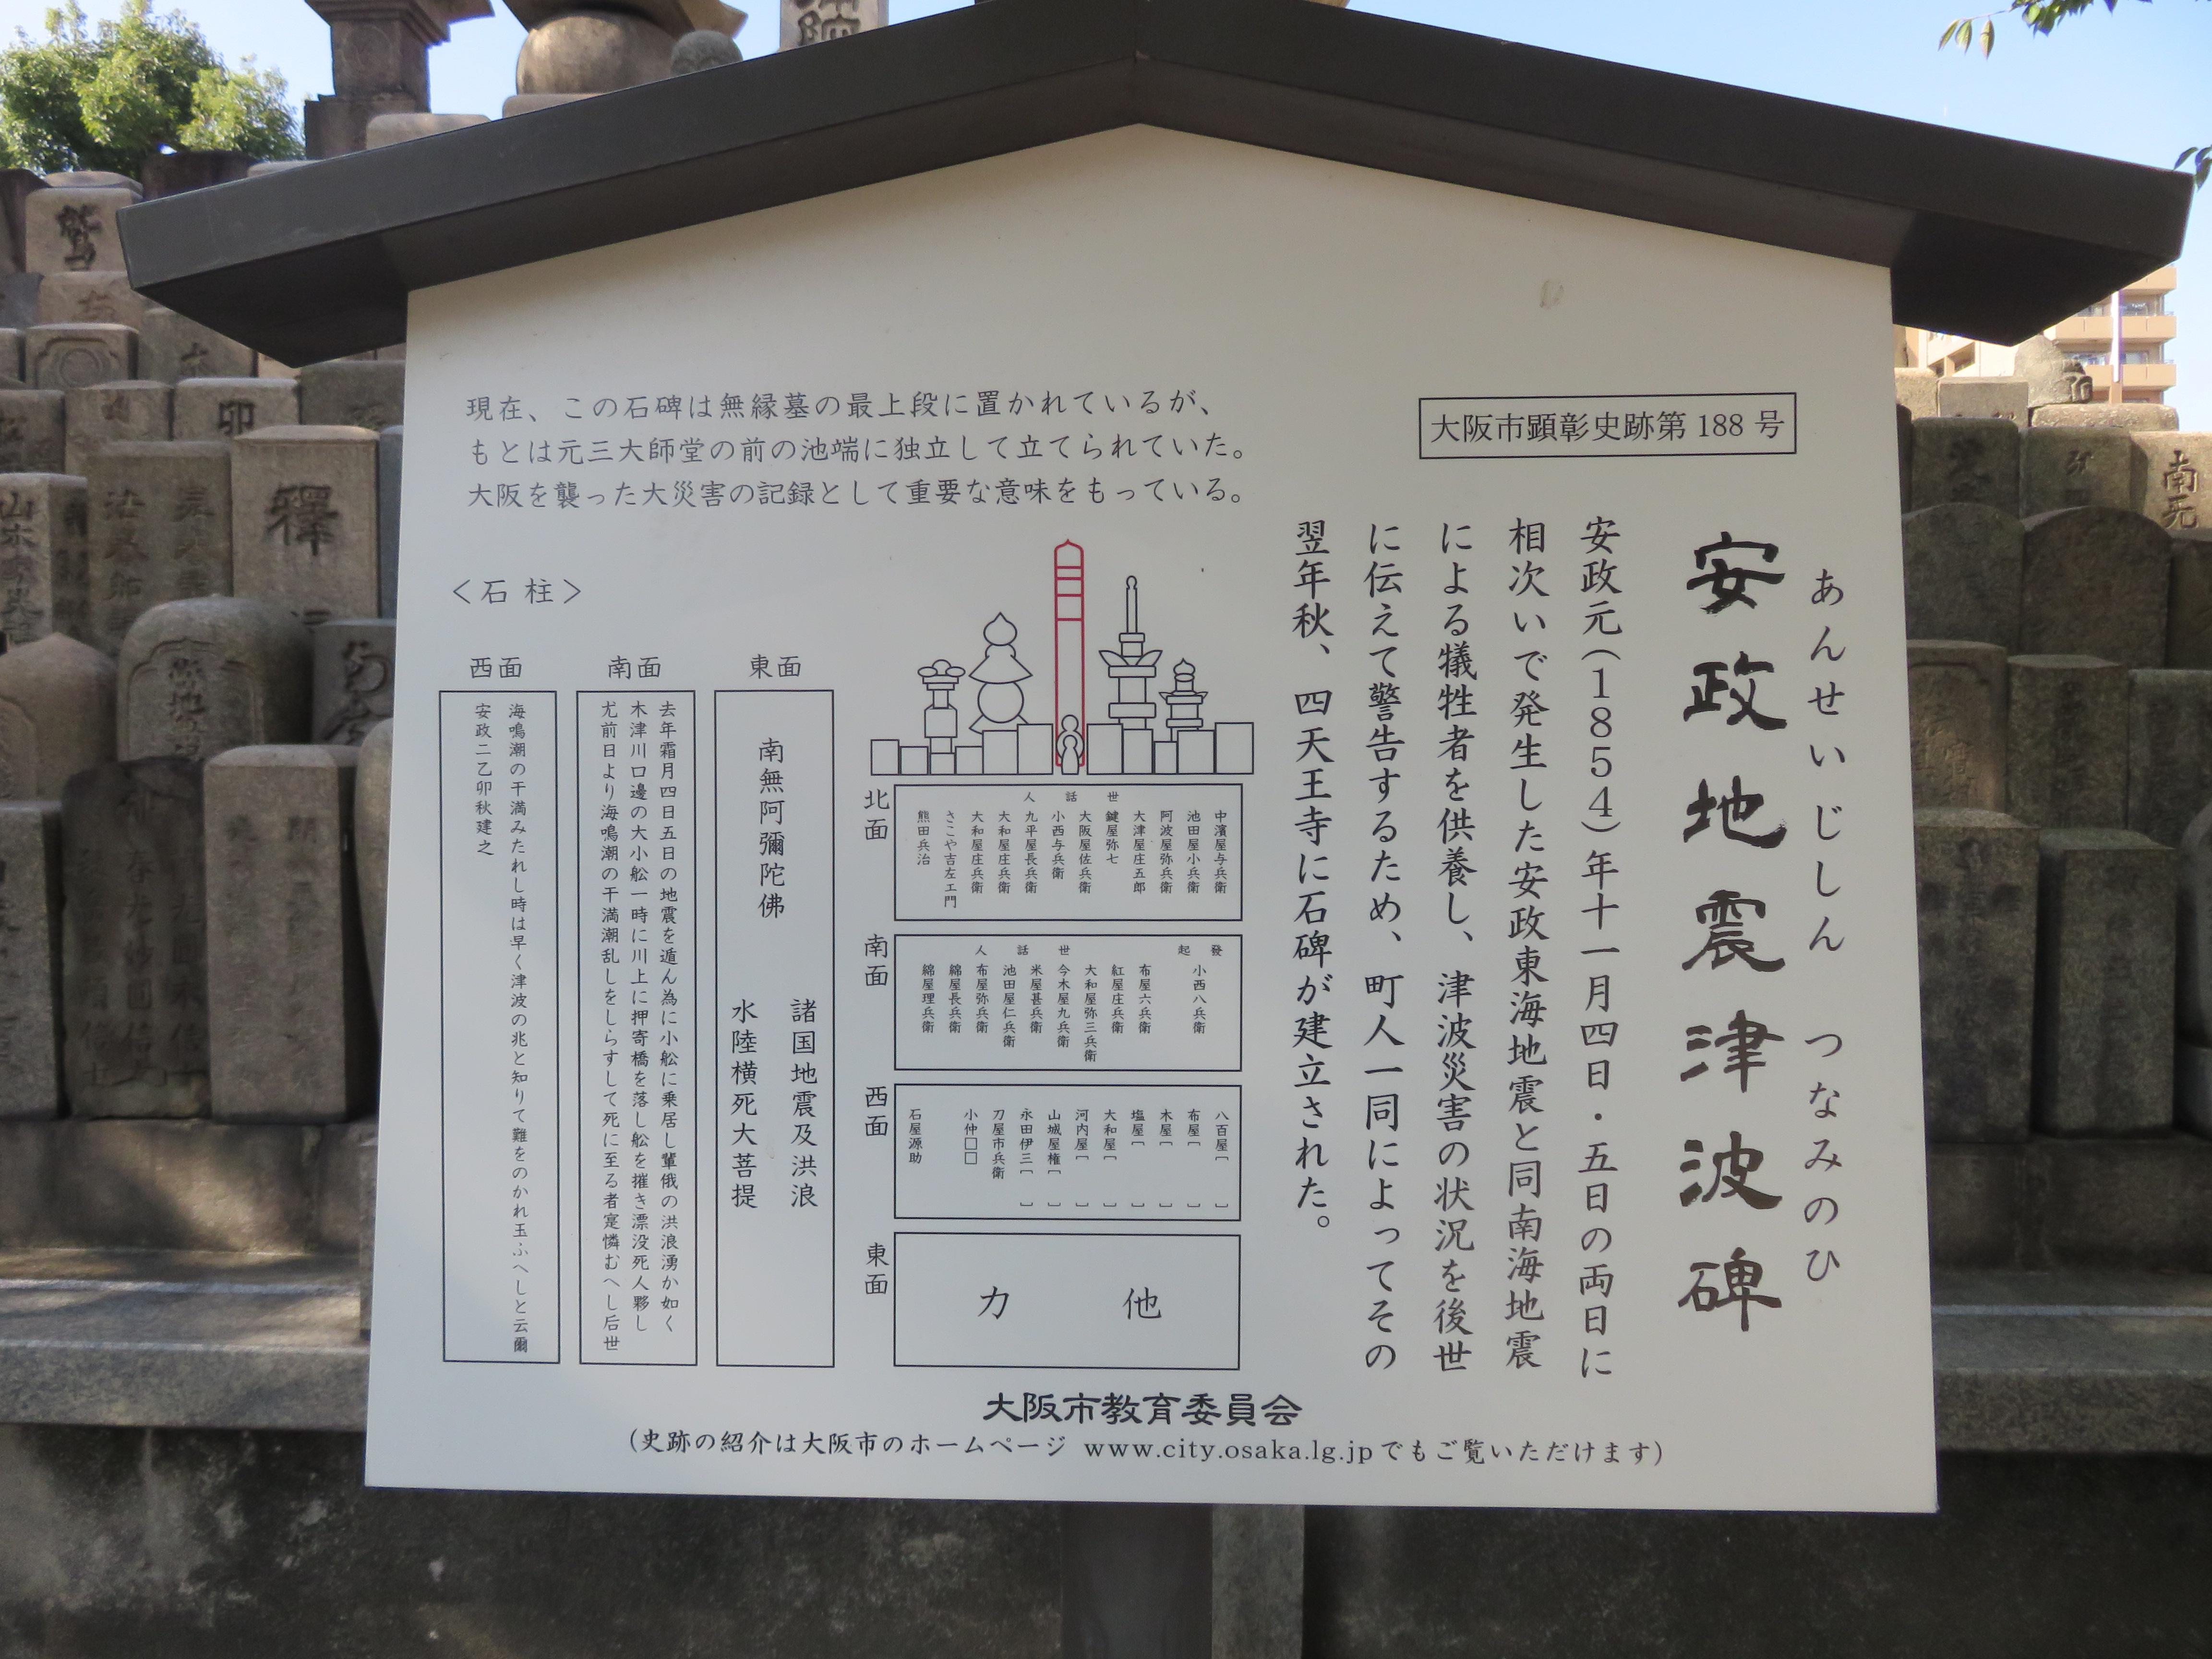 四天王寺の歴史